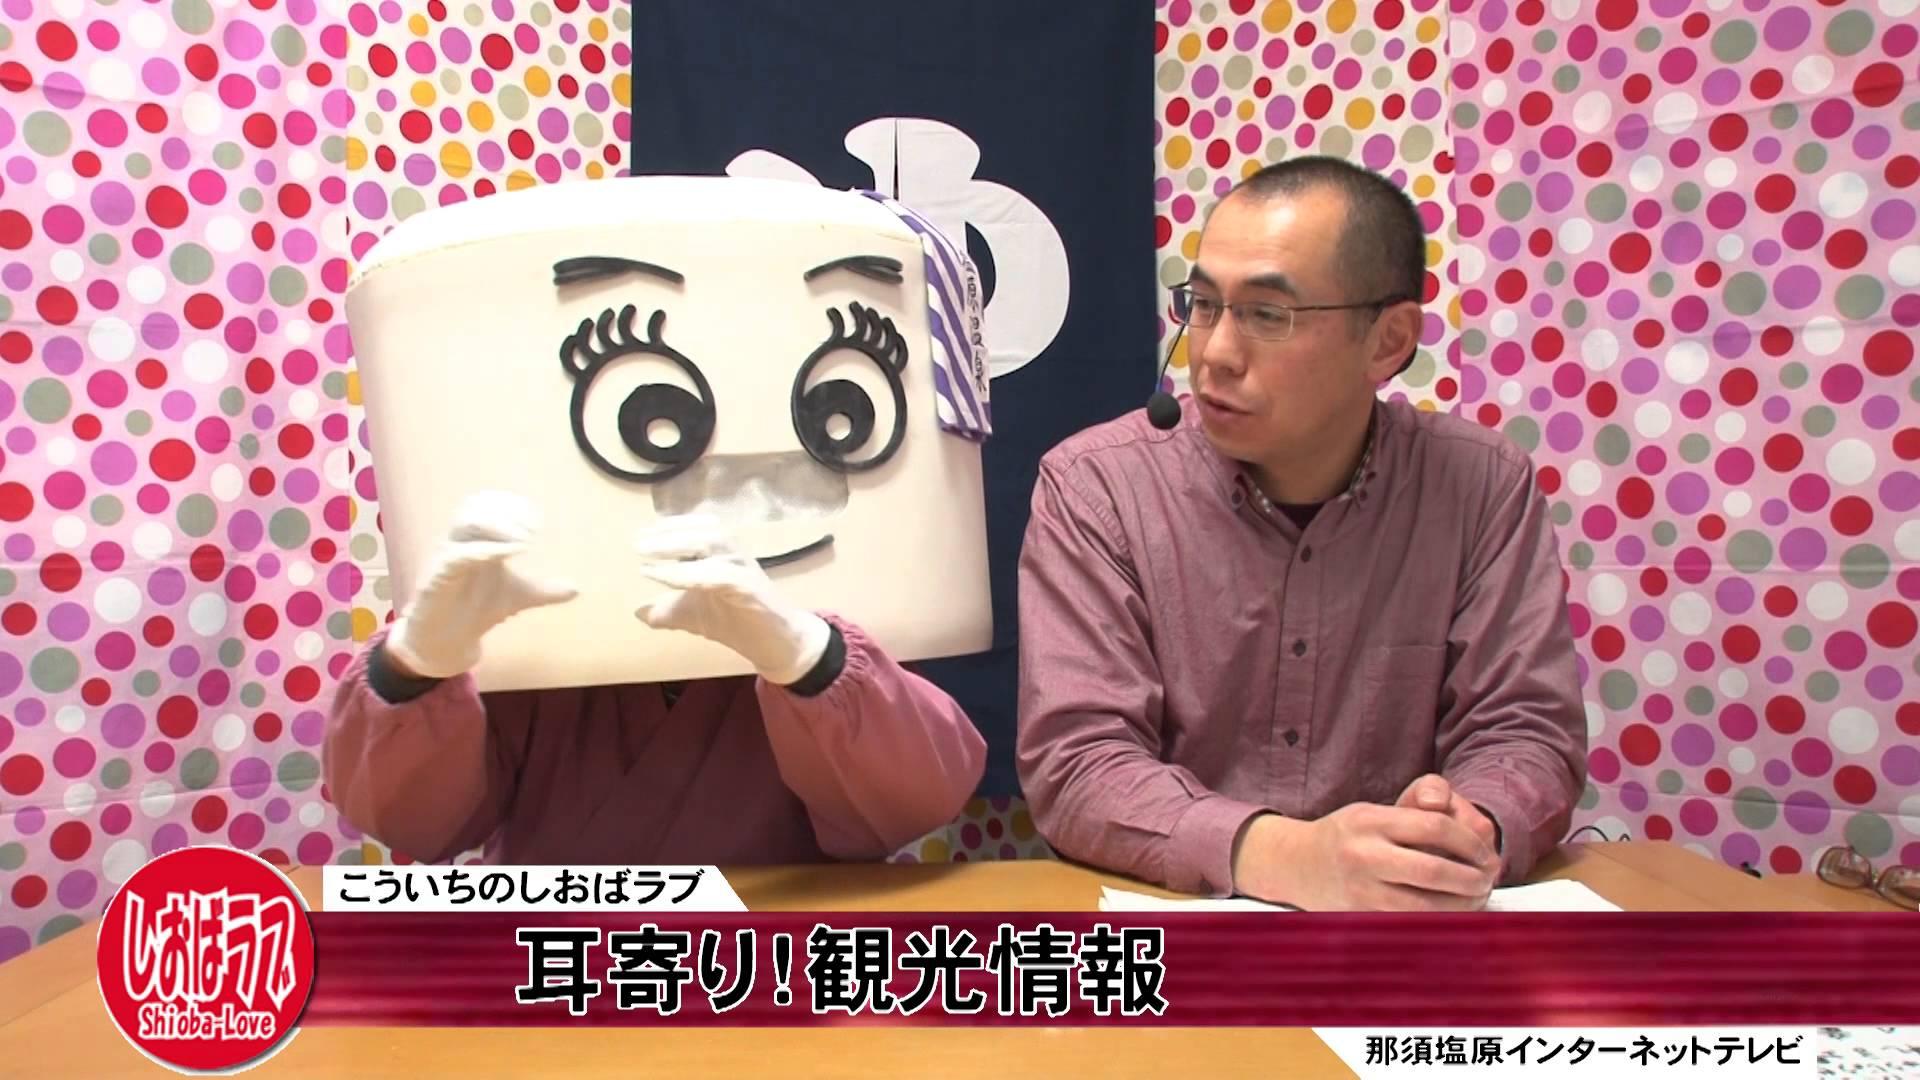 こういちのしおばラブ(塩原+LOVE)第171回